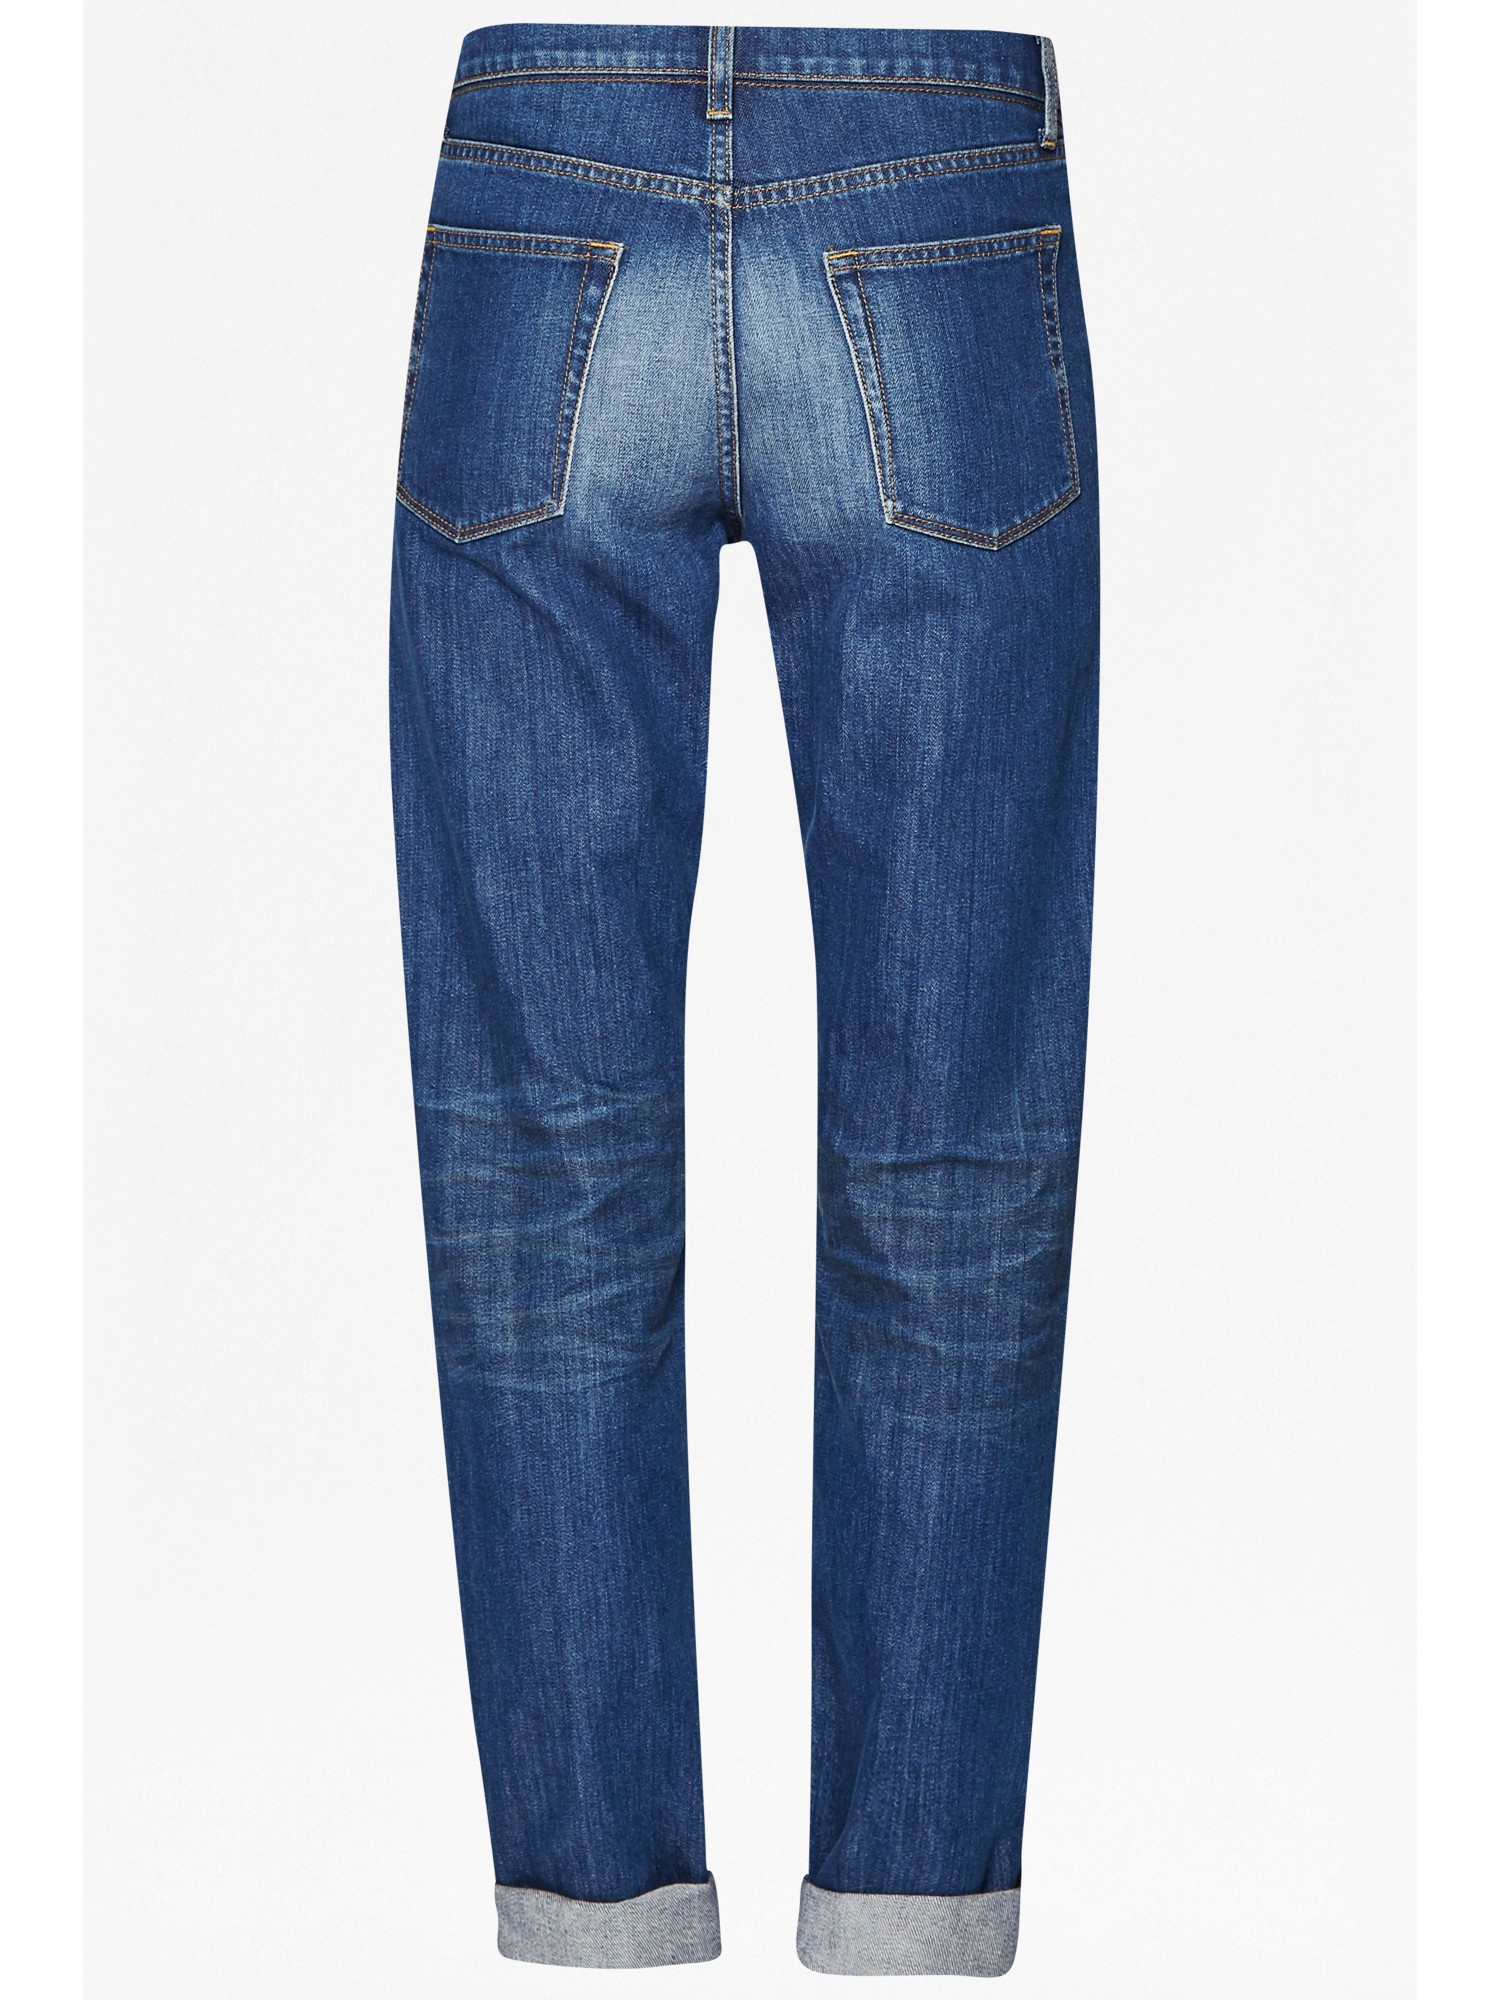 French Connection Denim Slim Boyfriend Jeans in Blue